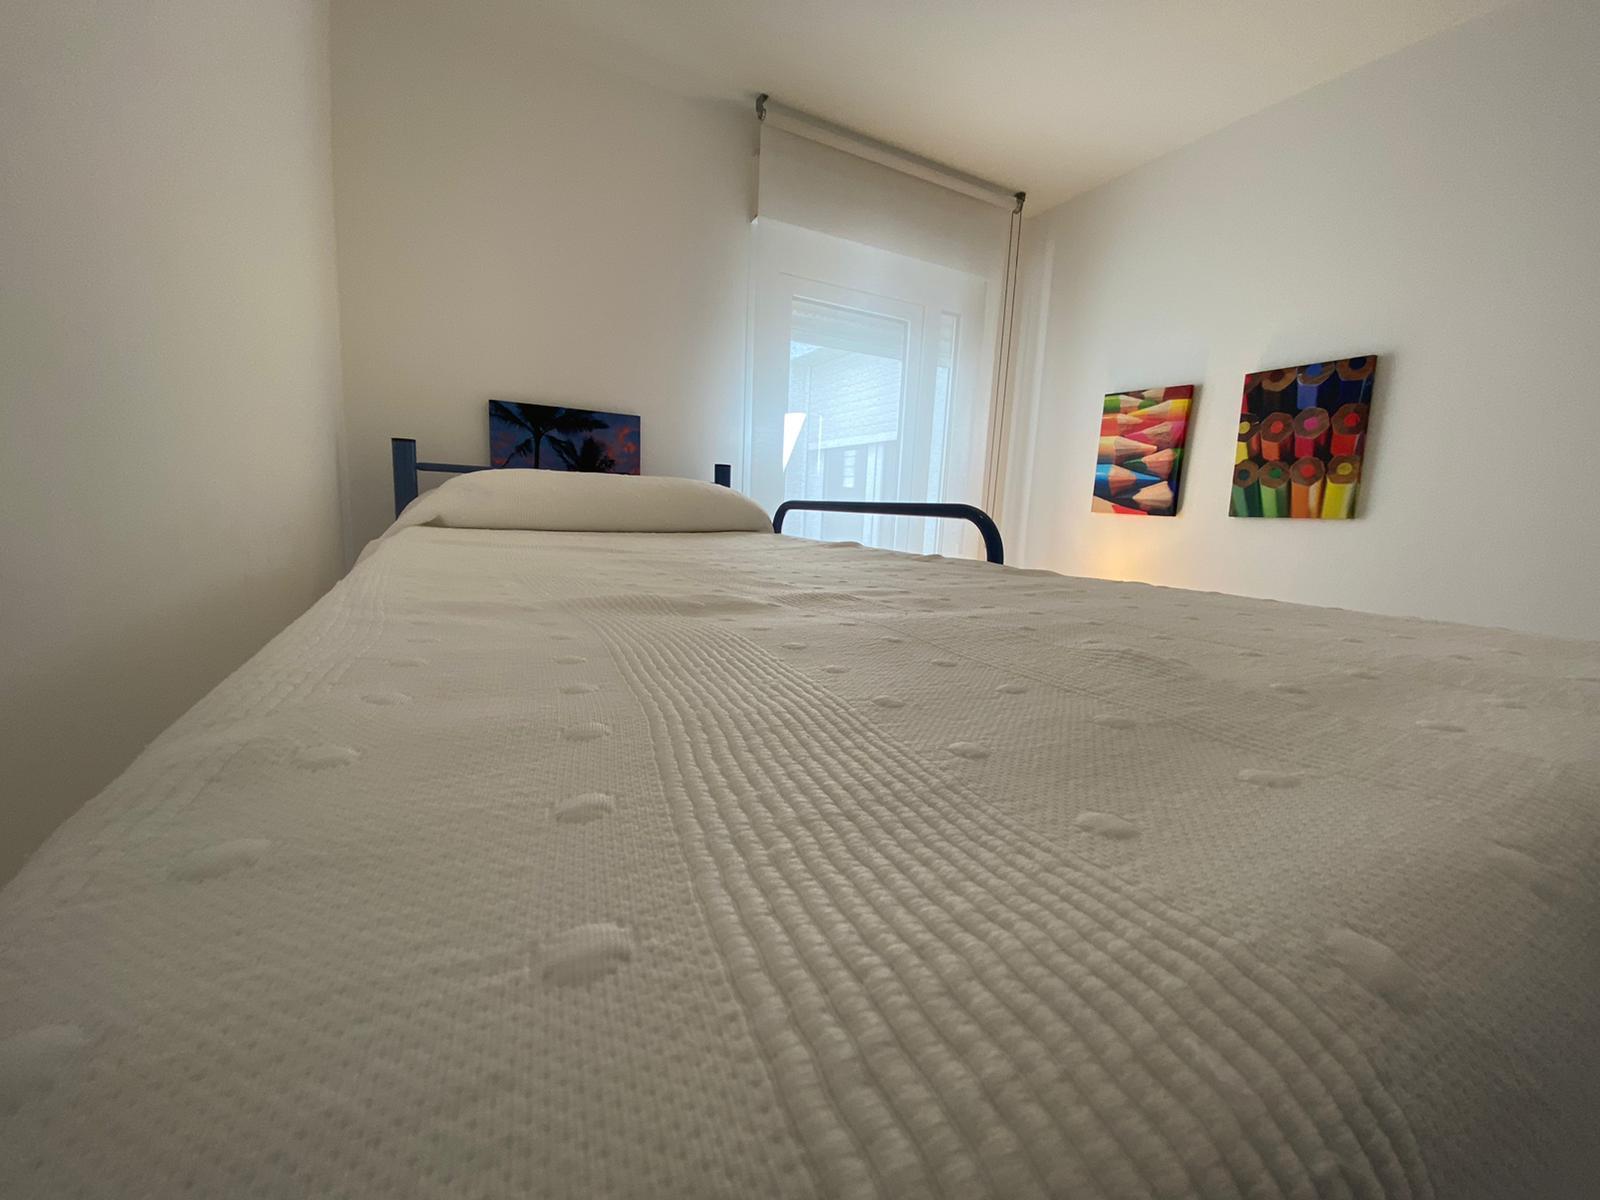 Imagen 36 del Apartamento Turístico, Ático 1 Poniente (3d+2b), Punta del Moral (HUELVA), Paseo de la Cruz nº22